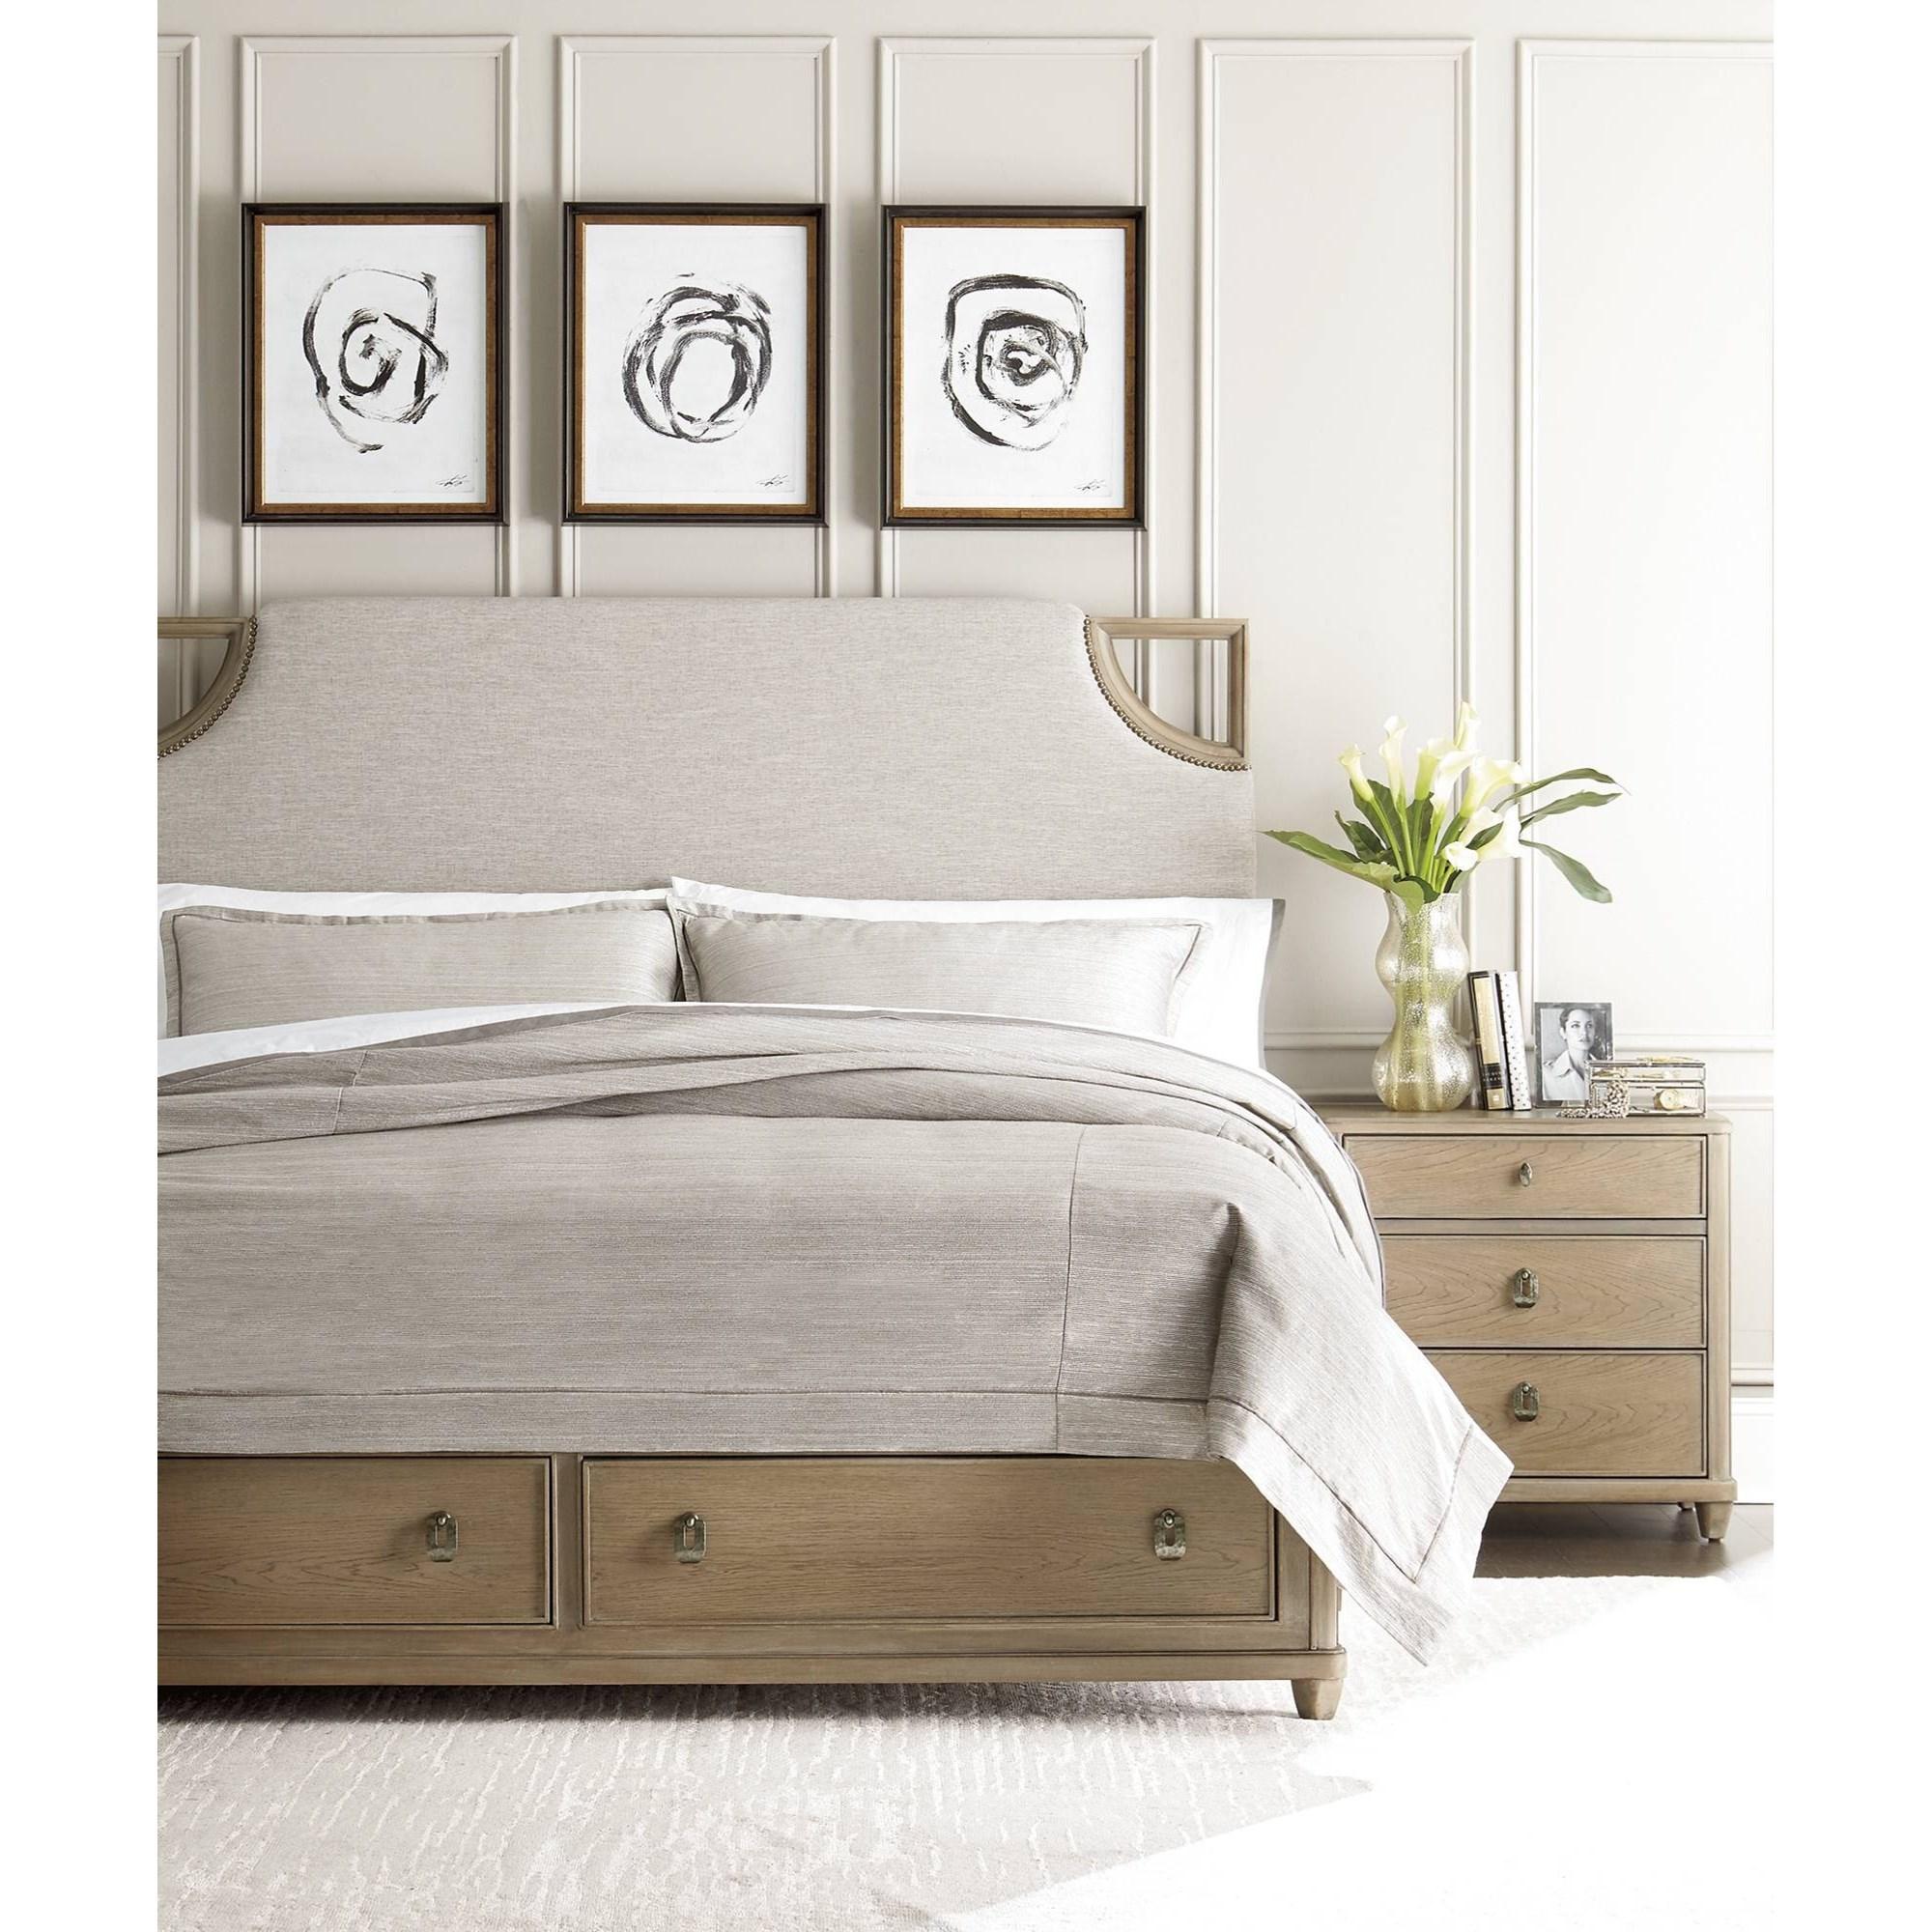 Stanley Furniture Virage King Bedroom Group - Item Number: 696-6 K Bedroom Group 4